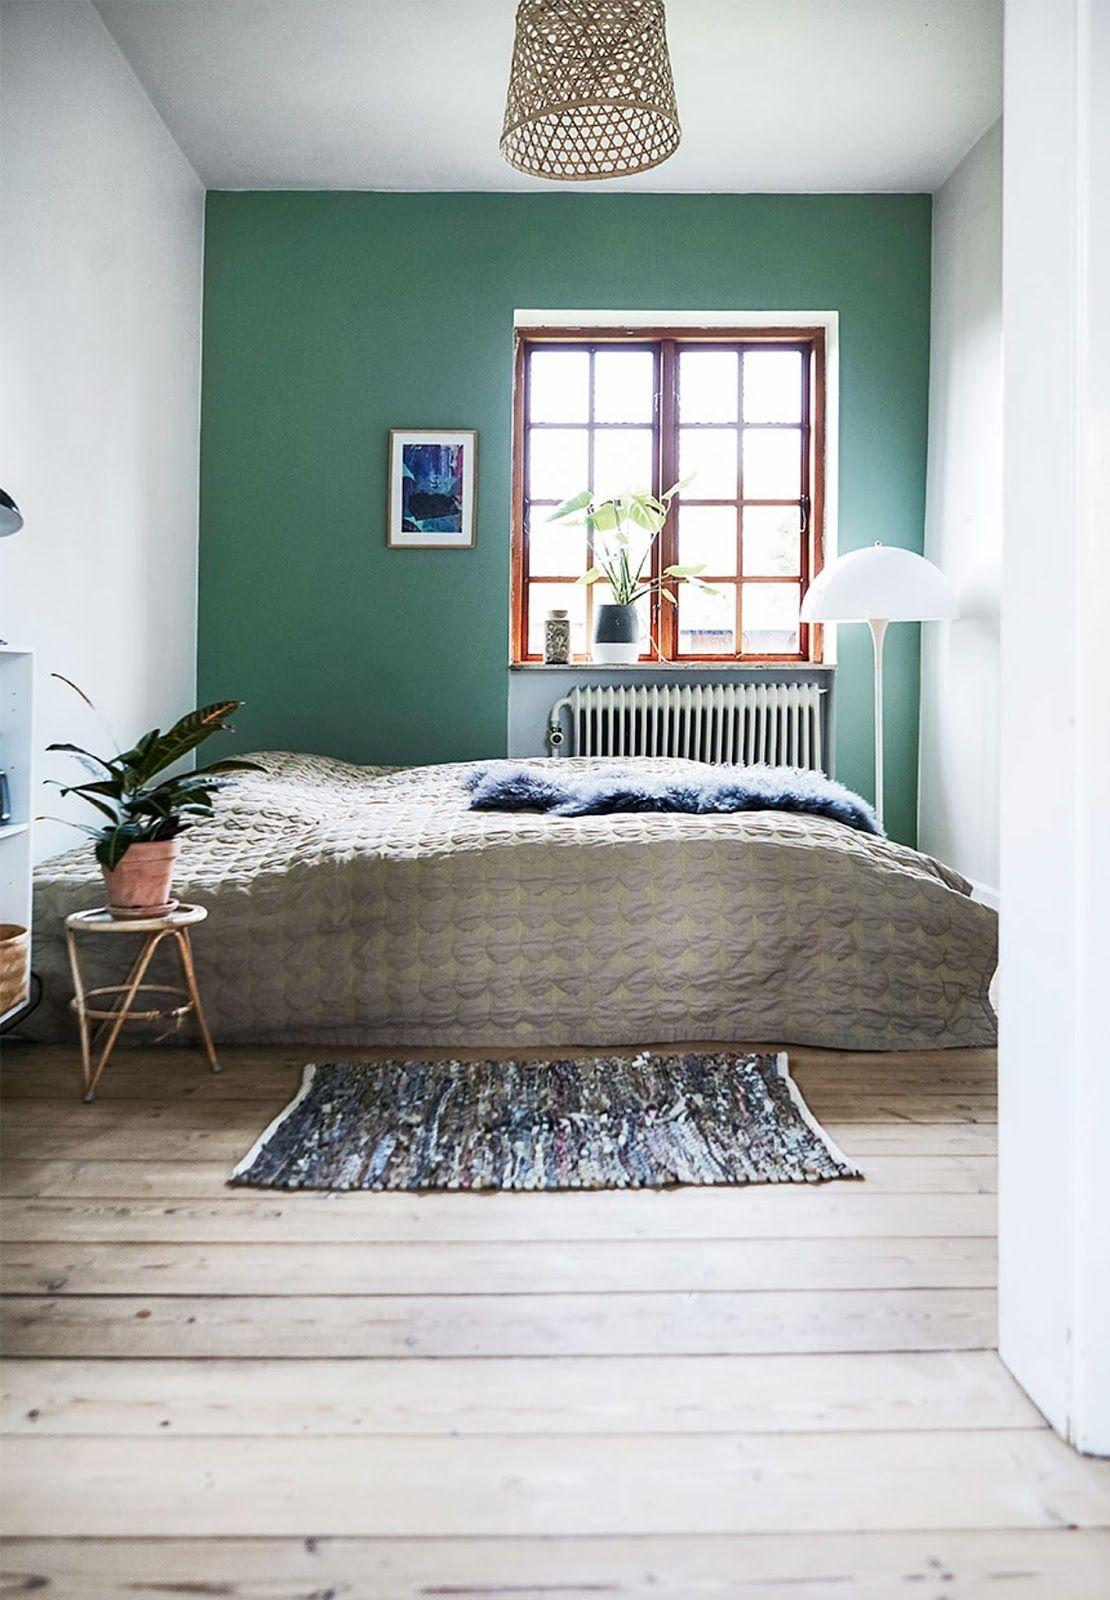 Bedroom Green Wall Scandinavian Interior Carpet Nordic